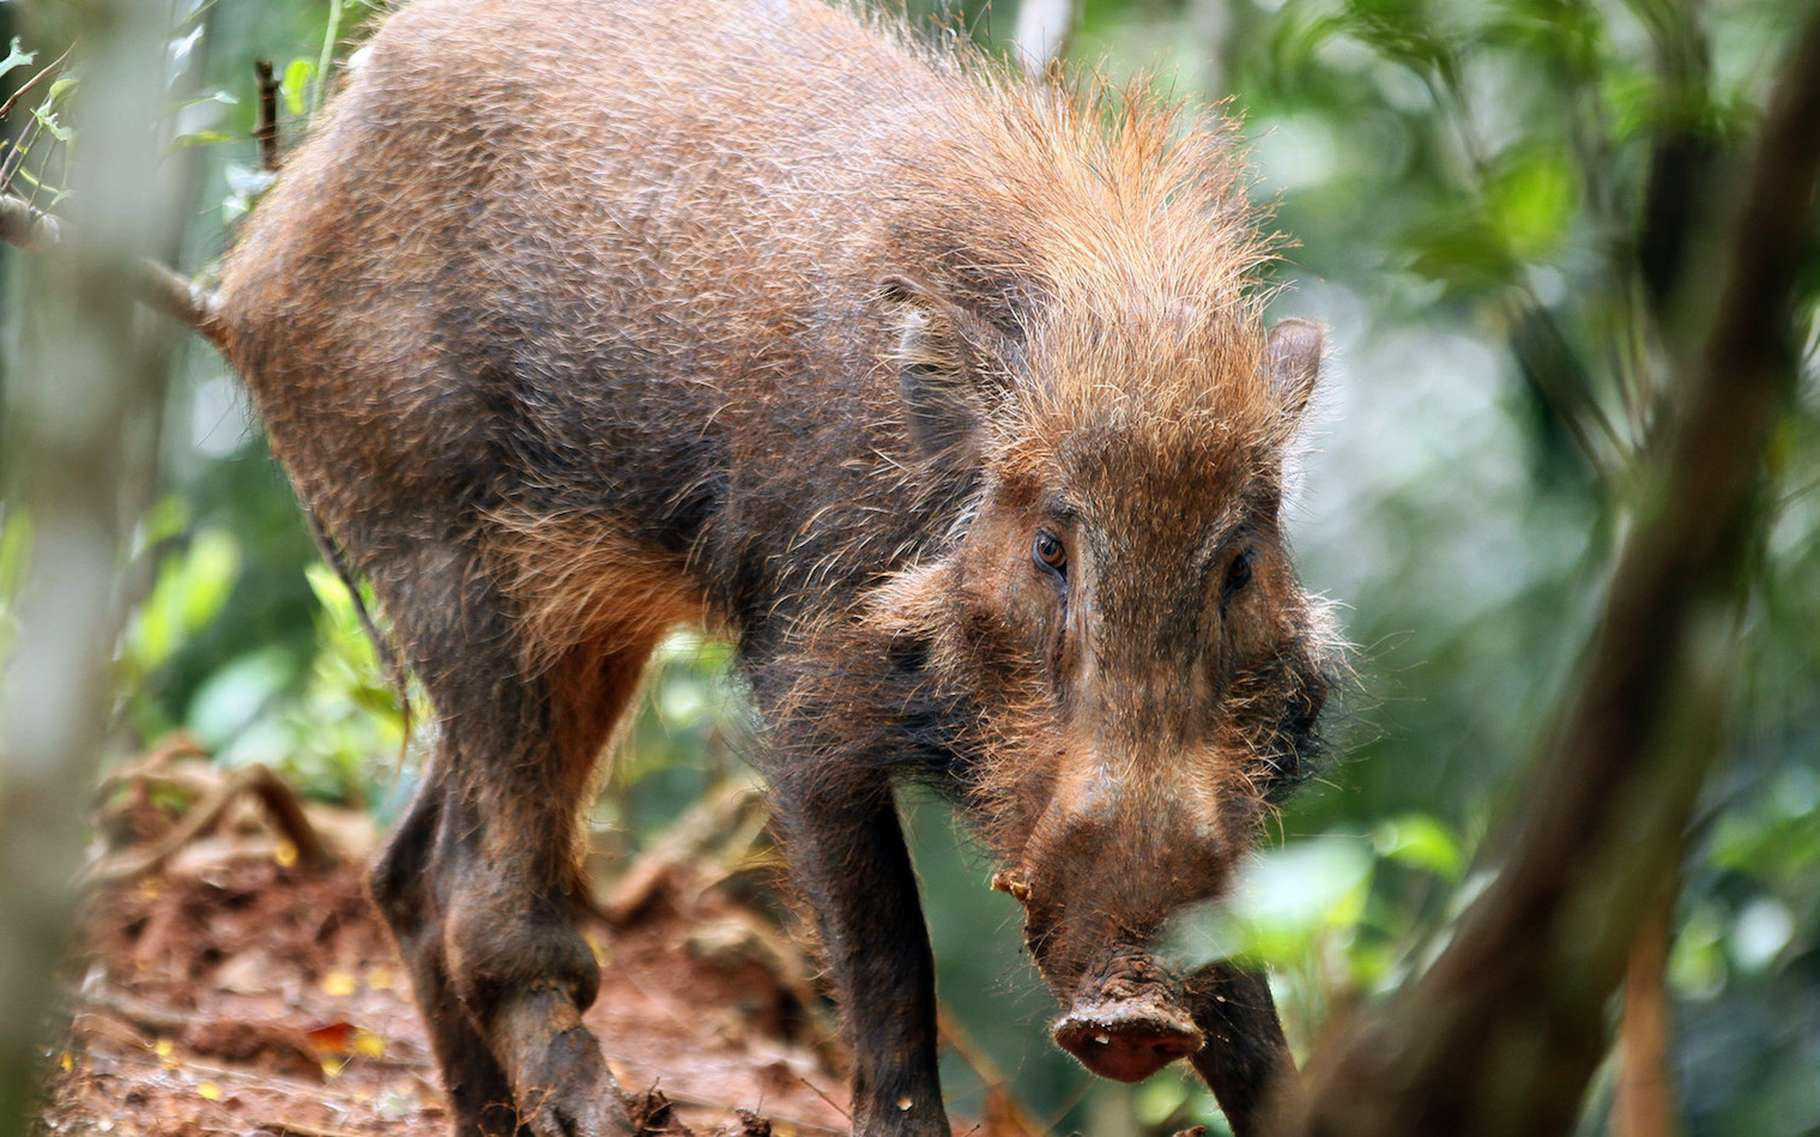 Des chercheurs ont, pour la première fois, filmé des porcs verruqueux de Java, connus aussi sous le nom de «cochons les plus laids du monde», en liberté. © ling Iryantoro, Flickr, tous droits réservés